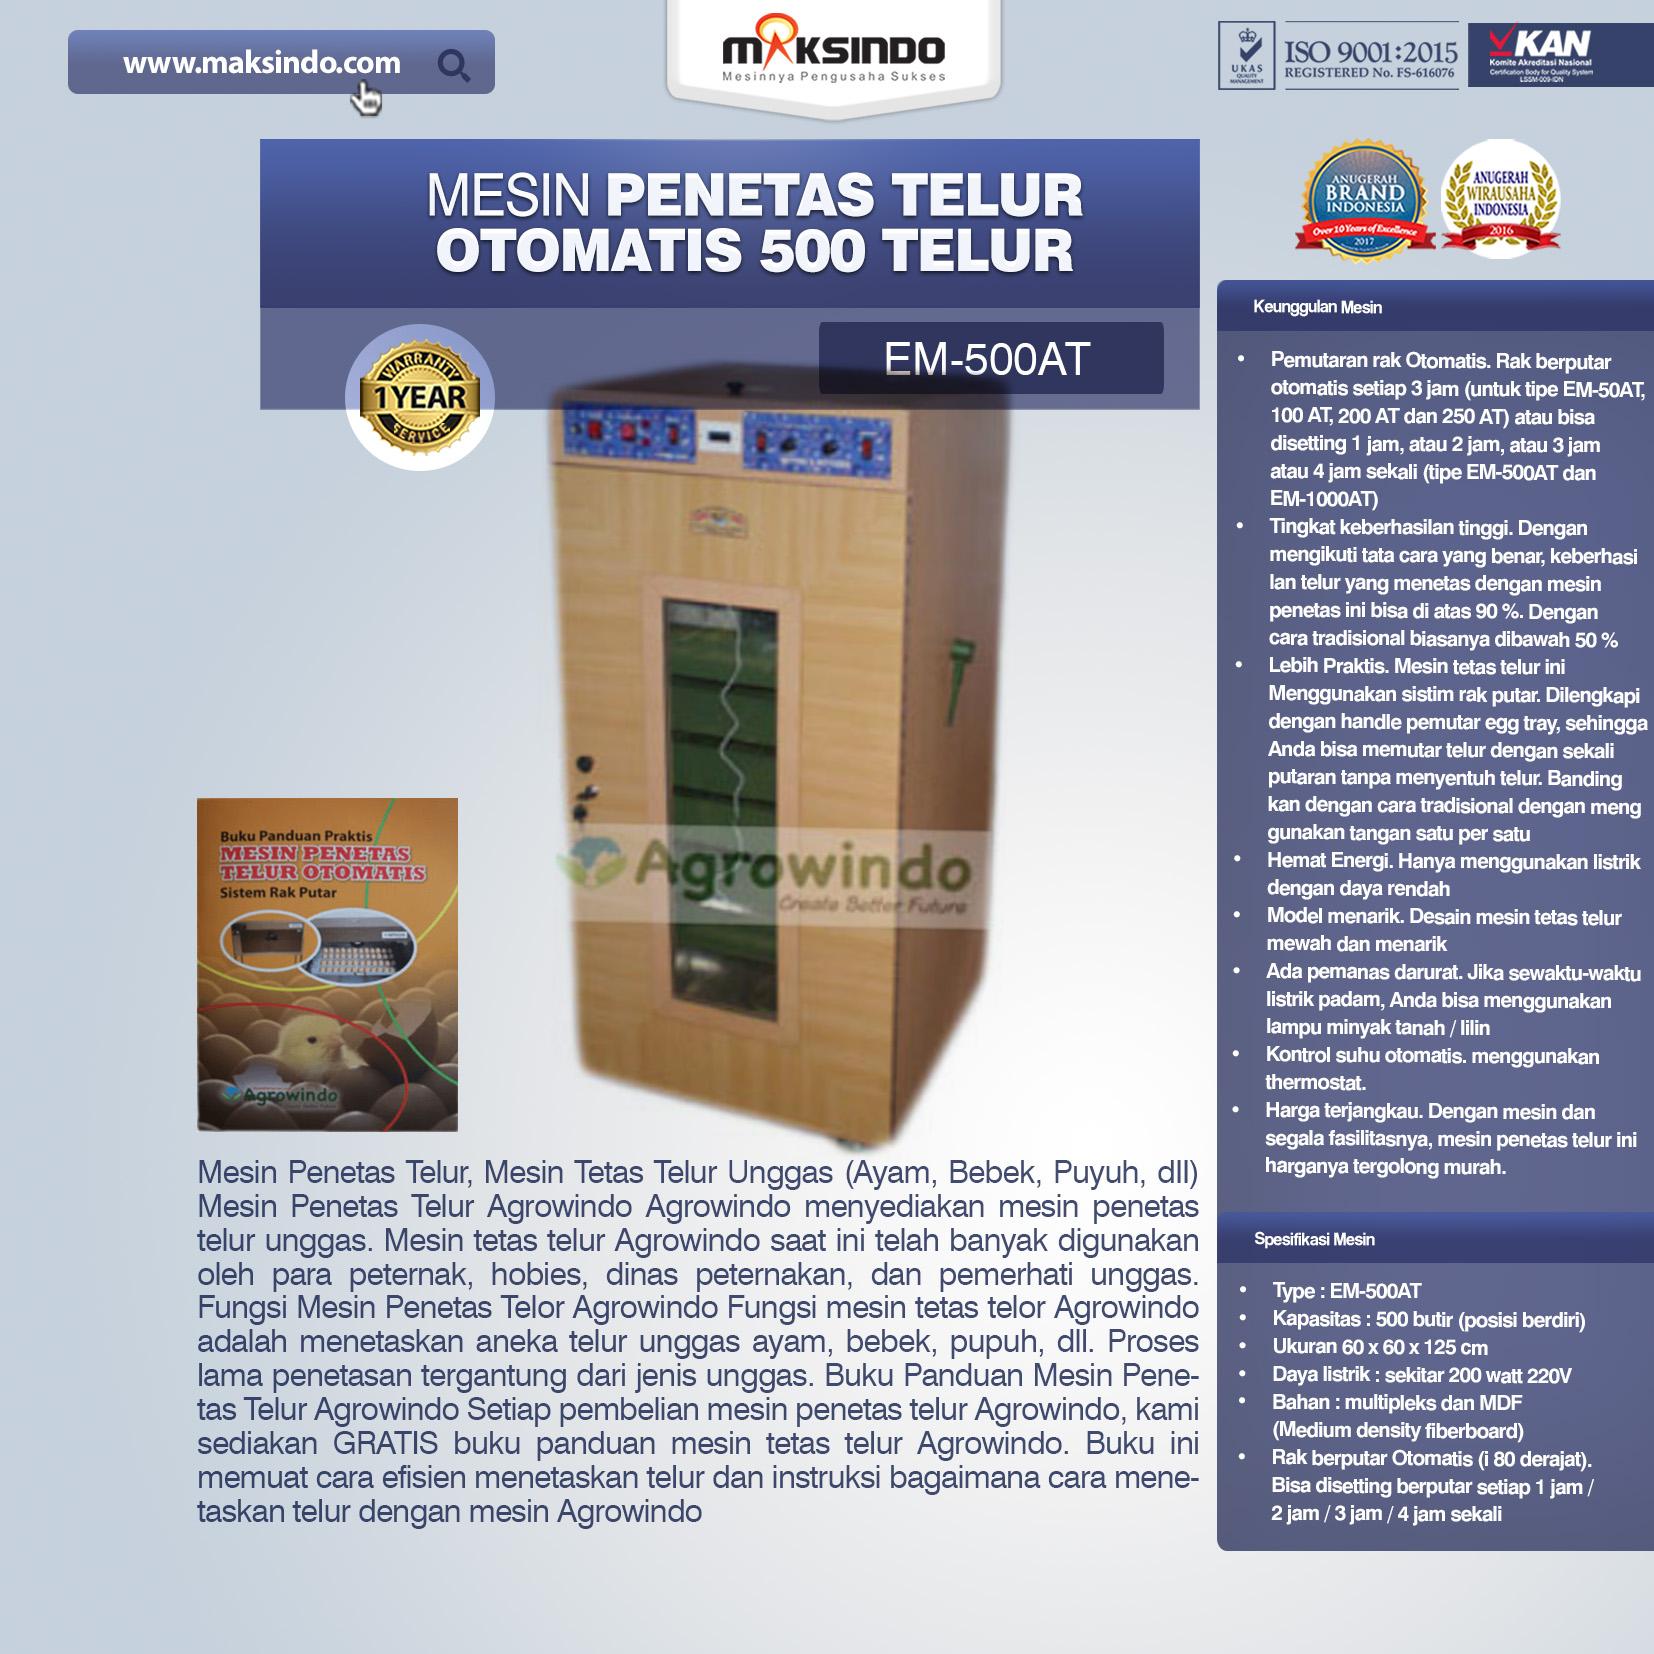 Jual Mesin Penetas Telur Otomatis 500 Telur (EM-500AT) di Semarang